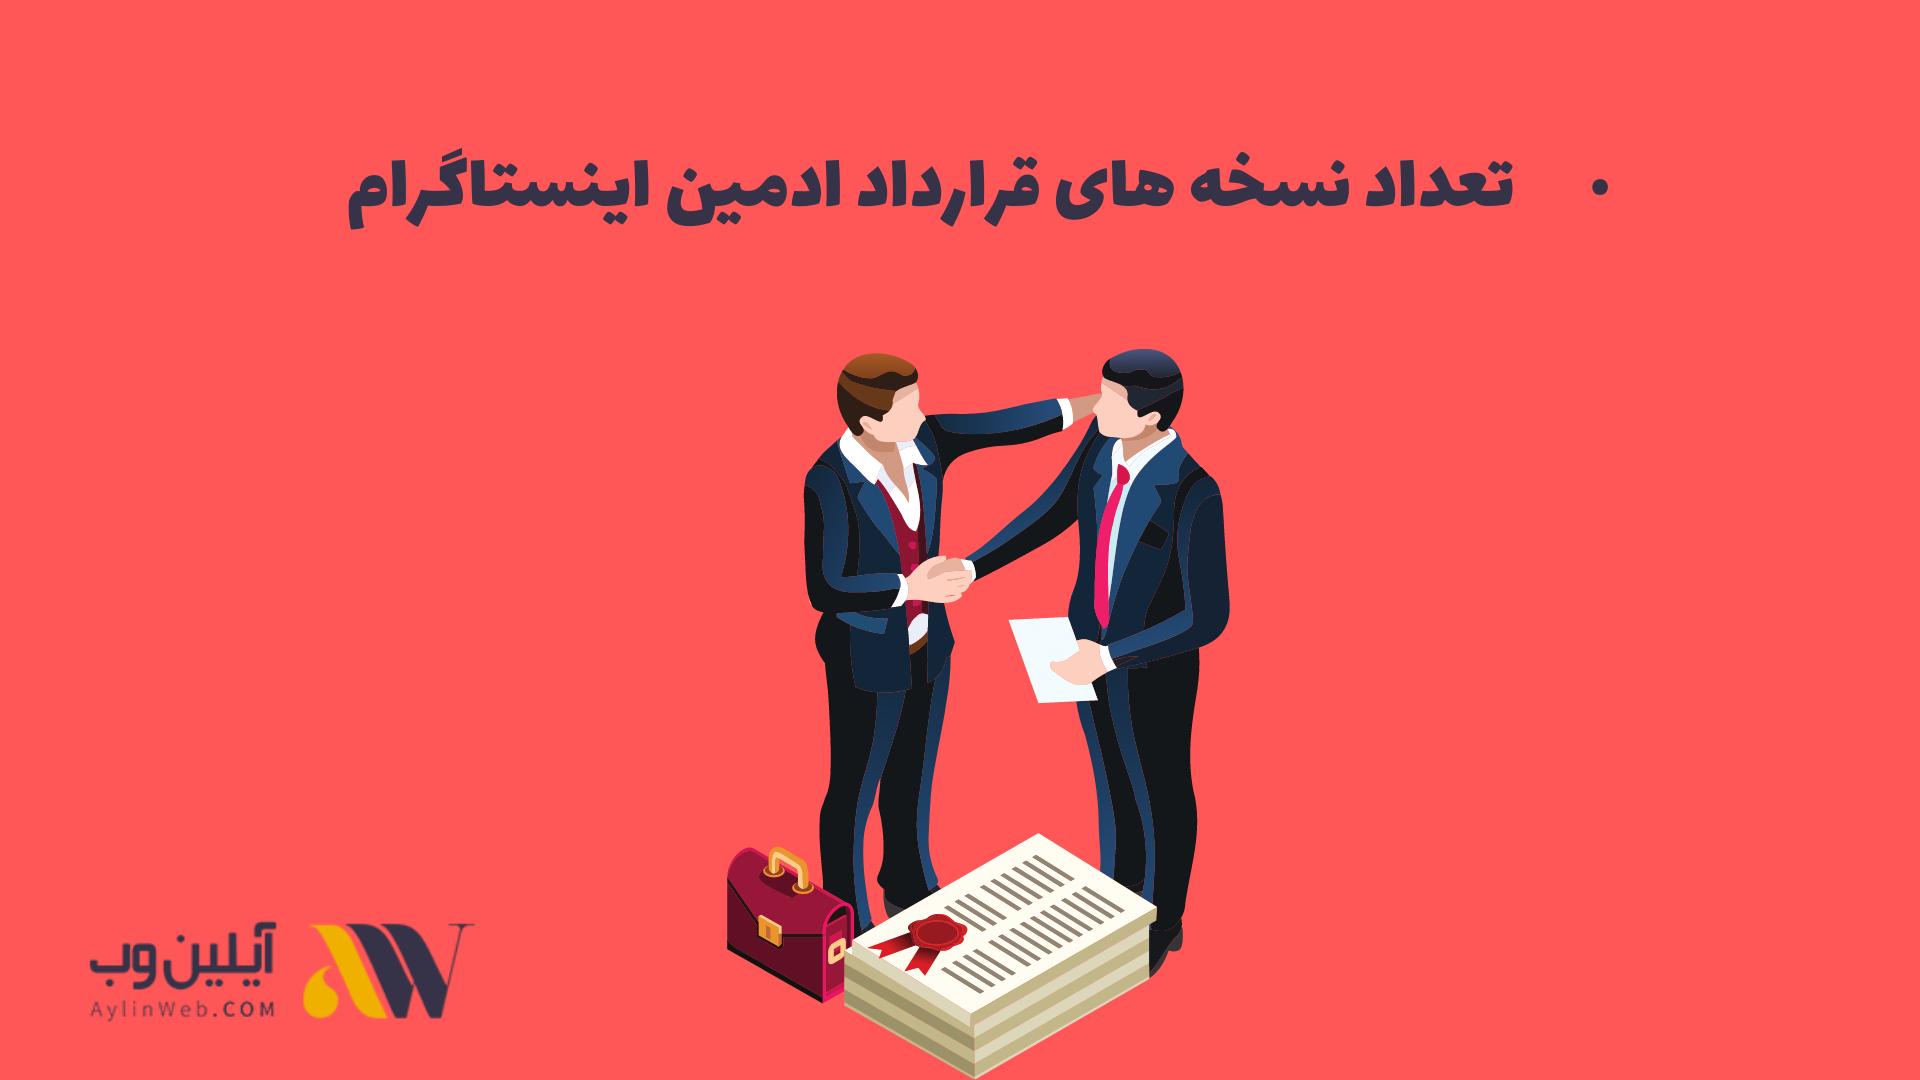 تعداد نسخه های قرارداد ادمین اینستاگرام